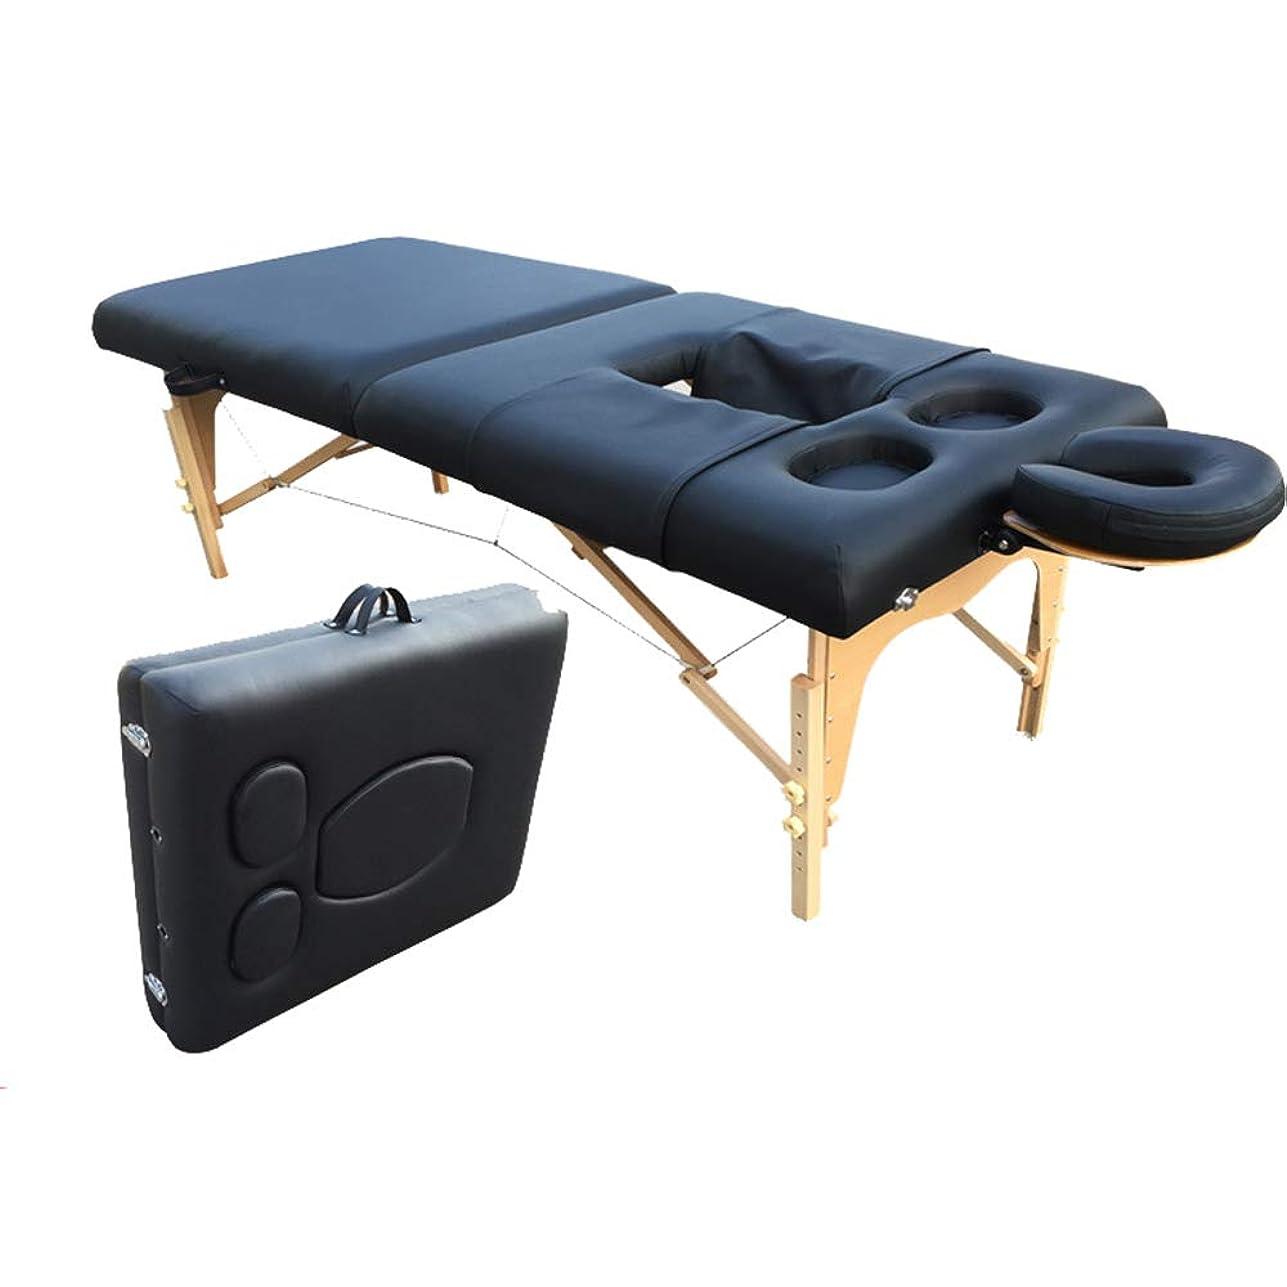 仮説ダイヤルうつ品質ポータブルマッサージテーブル&調節可能な胸の穴を持つ折りたたみマッサージベッド、ソファービューティー表ビューティーサロンソファーベッド快適な